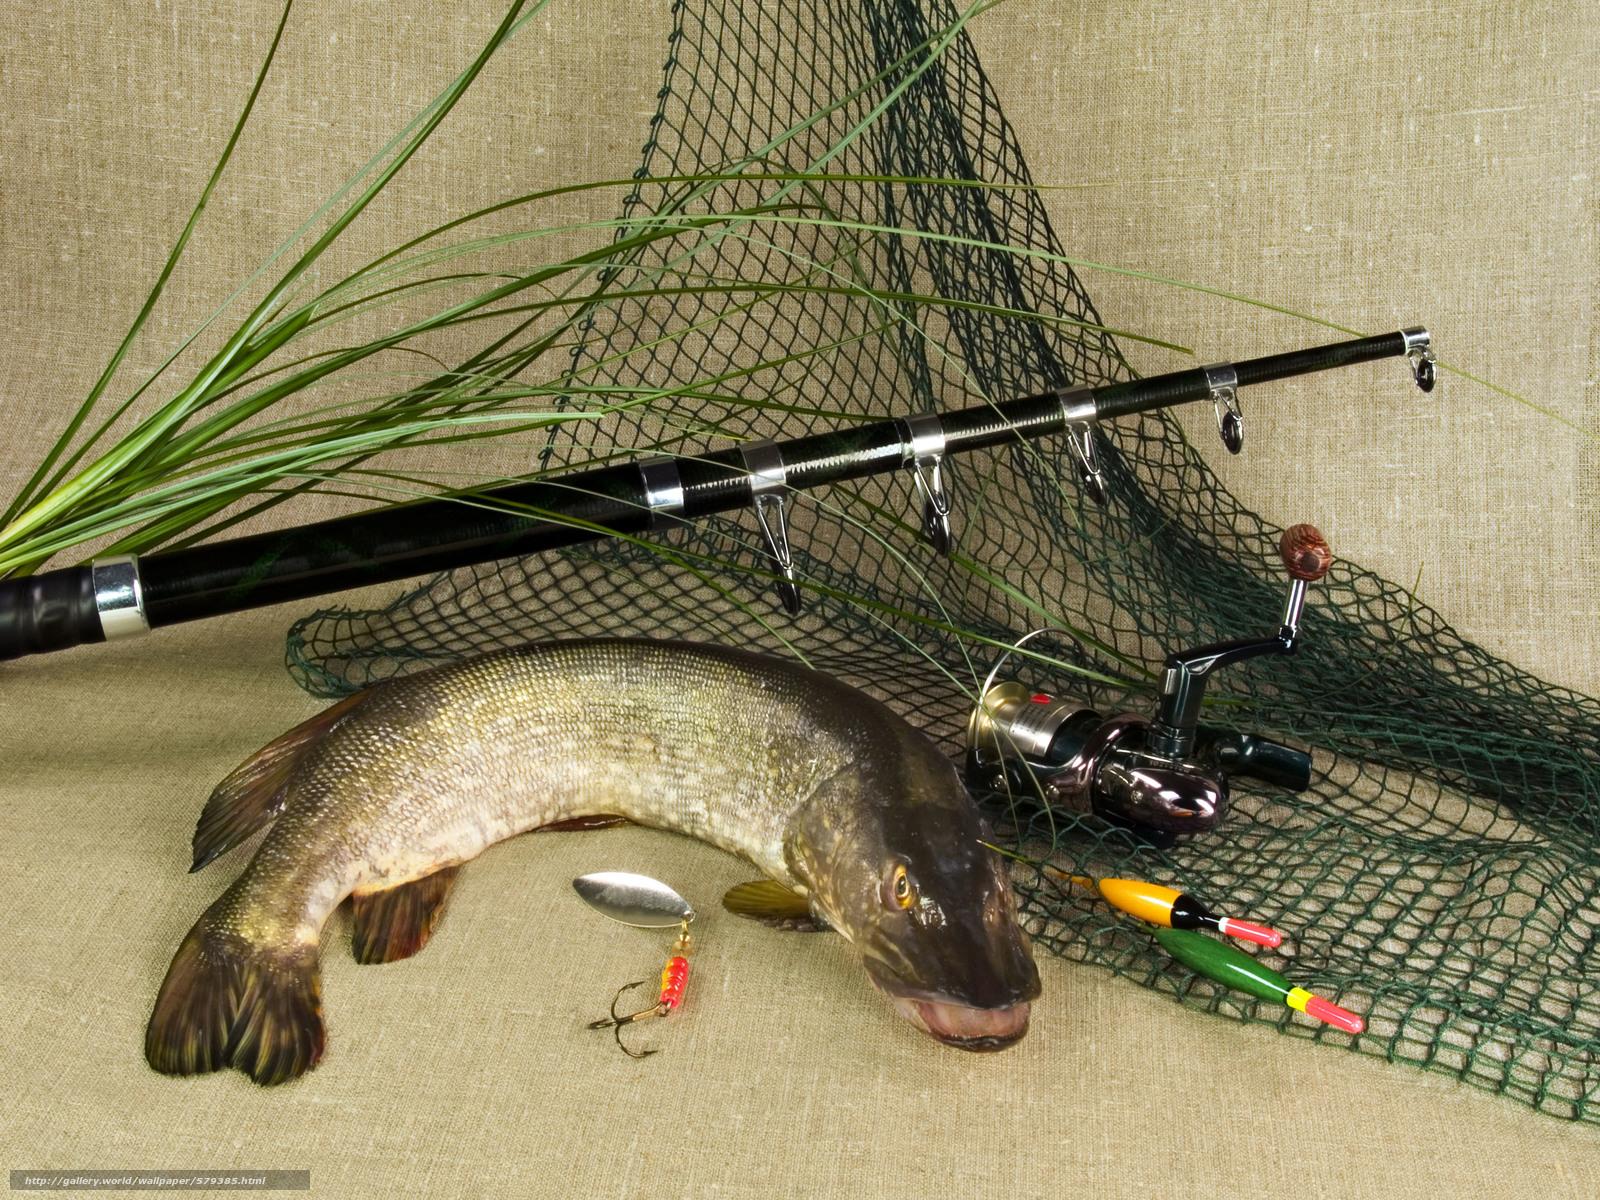 Tlcharger Fond D 39 Ecran Brochet Fish Herbe Filature